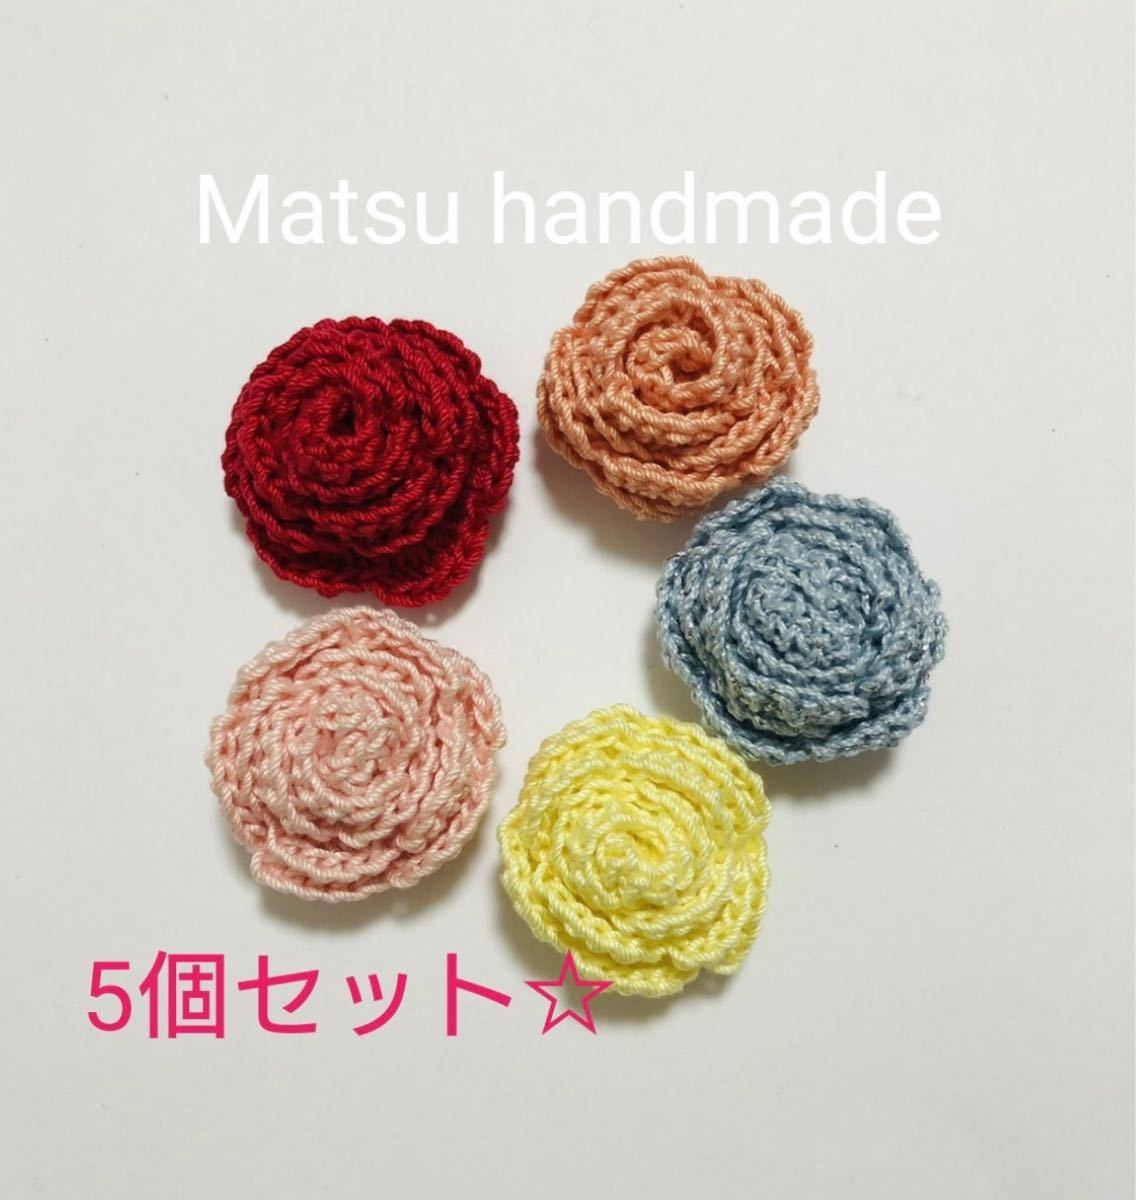 薔薇 モチーフ 5個セット ハンドメイド レース編み かぎ編み